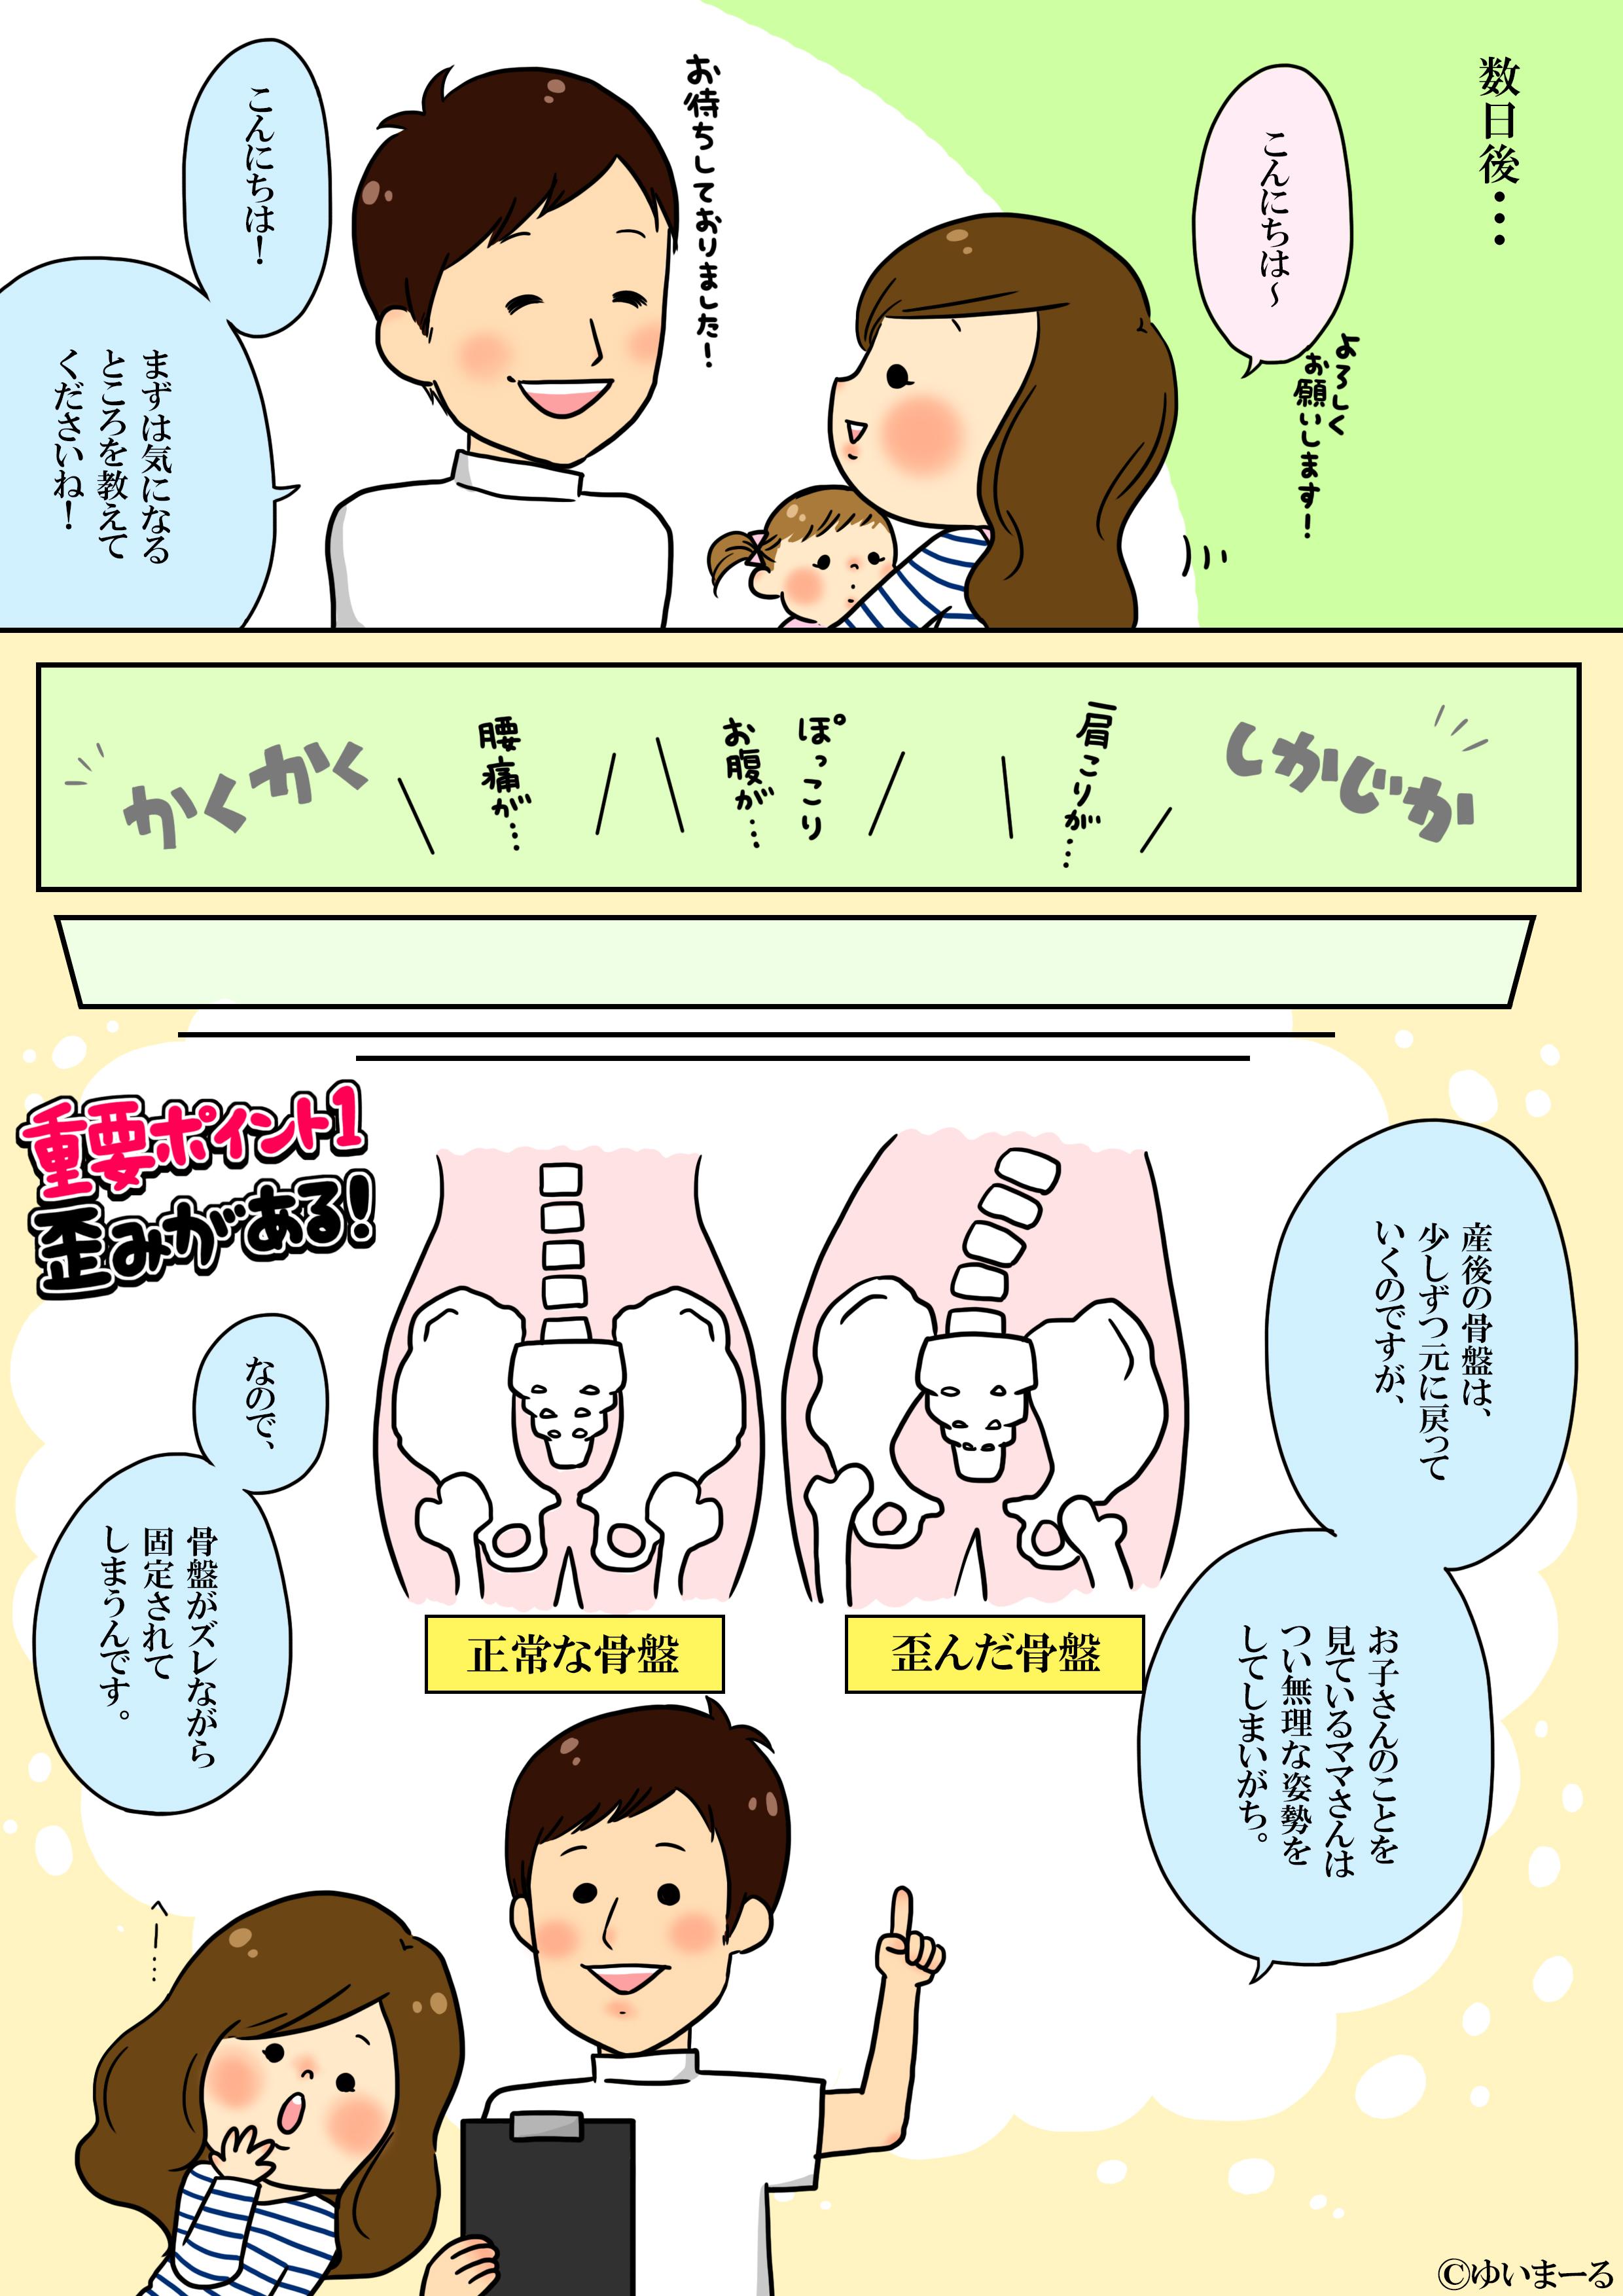 産後骨盤矯正漫画